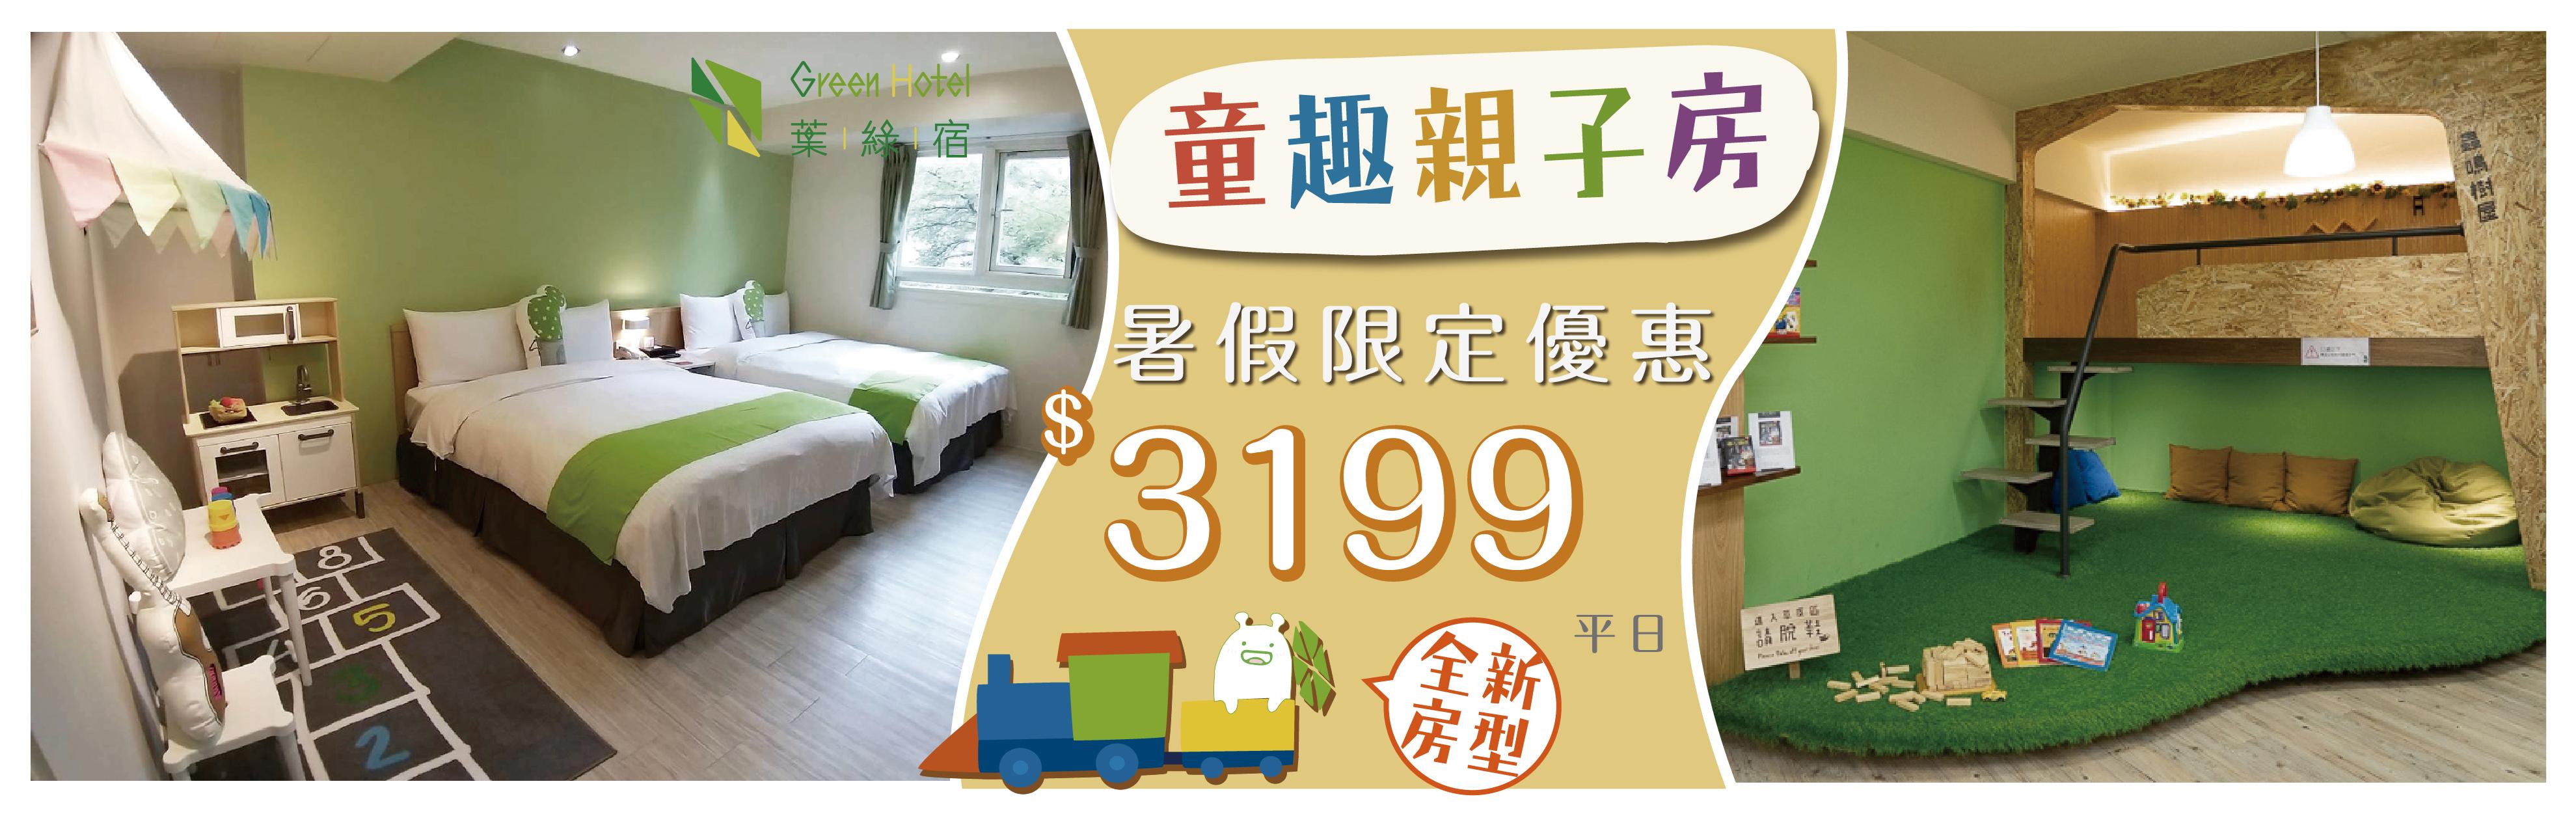 童趣親子FUN暑假 官網Banner